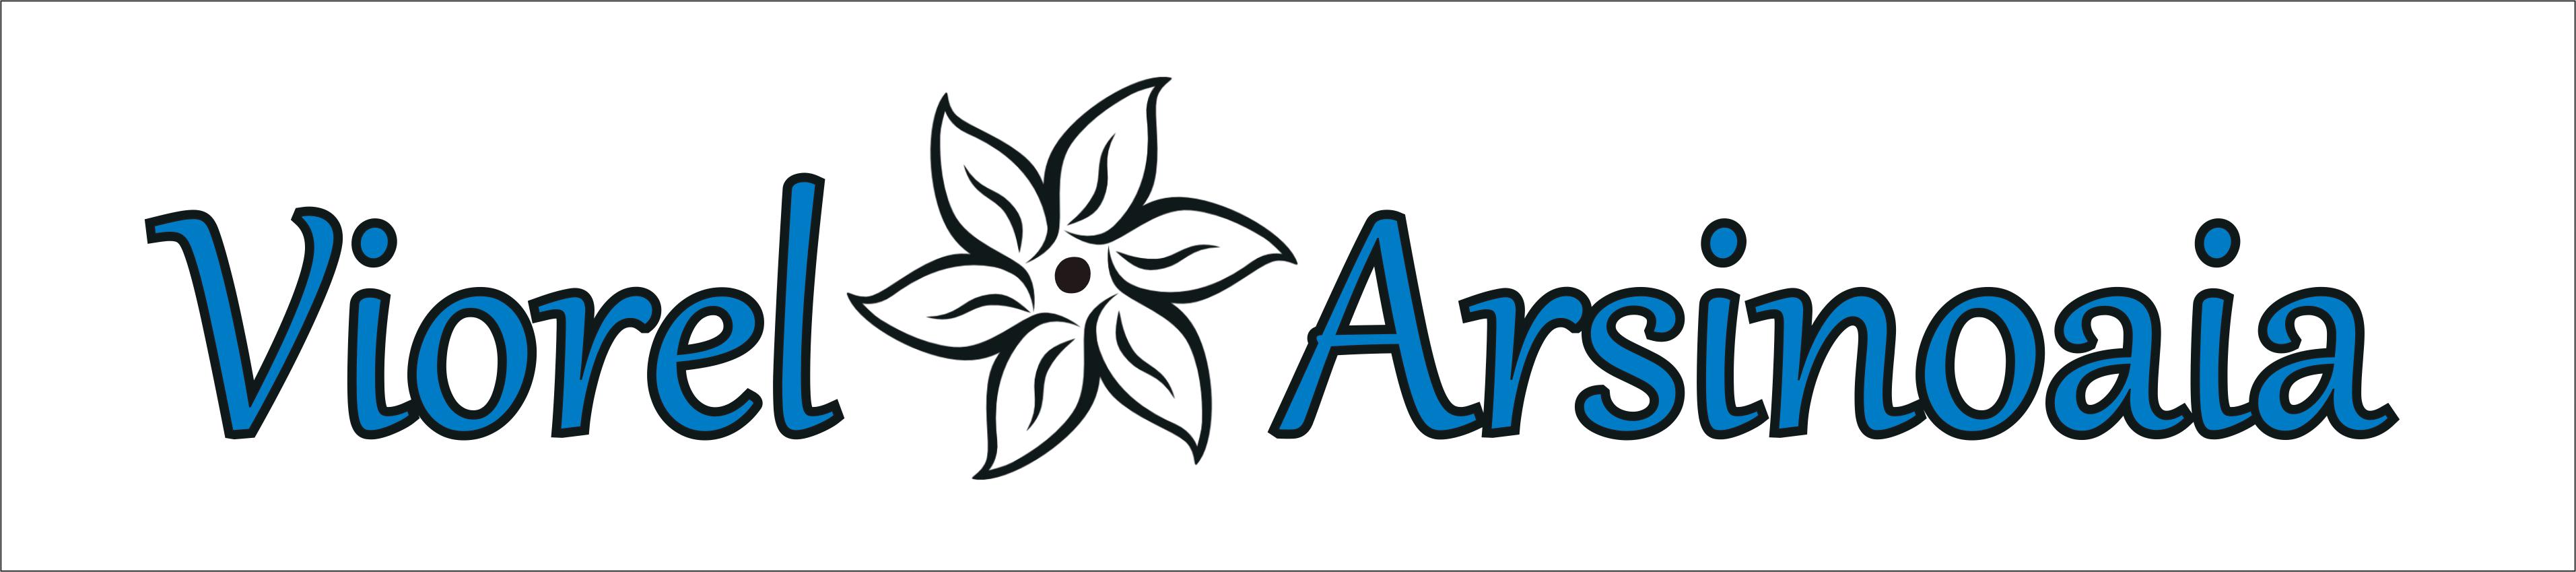 Cupa Viorel Arsinoaia banner